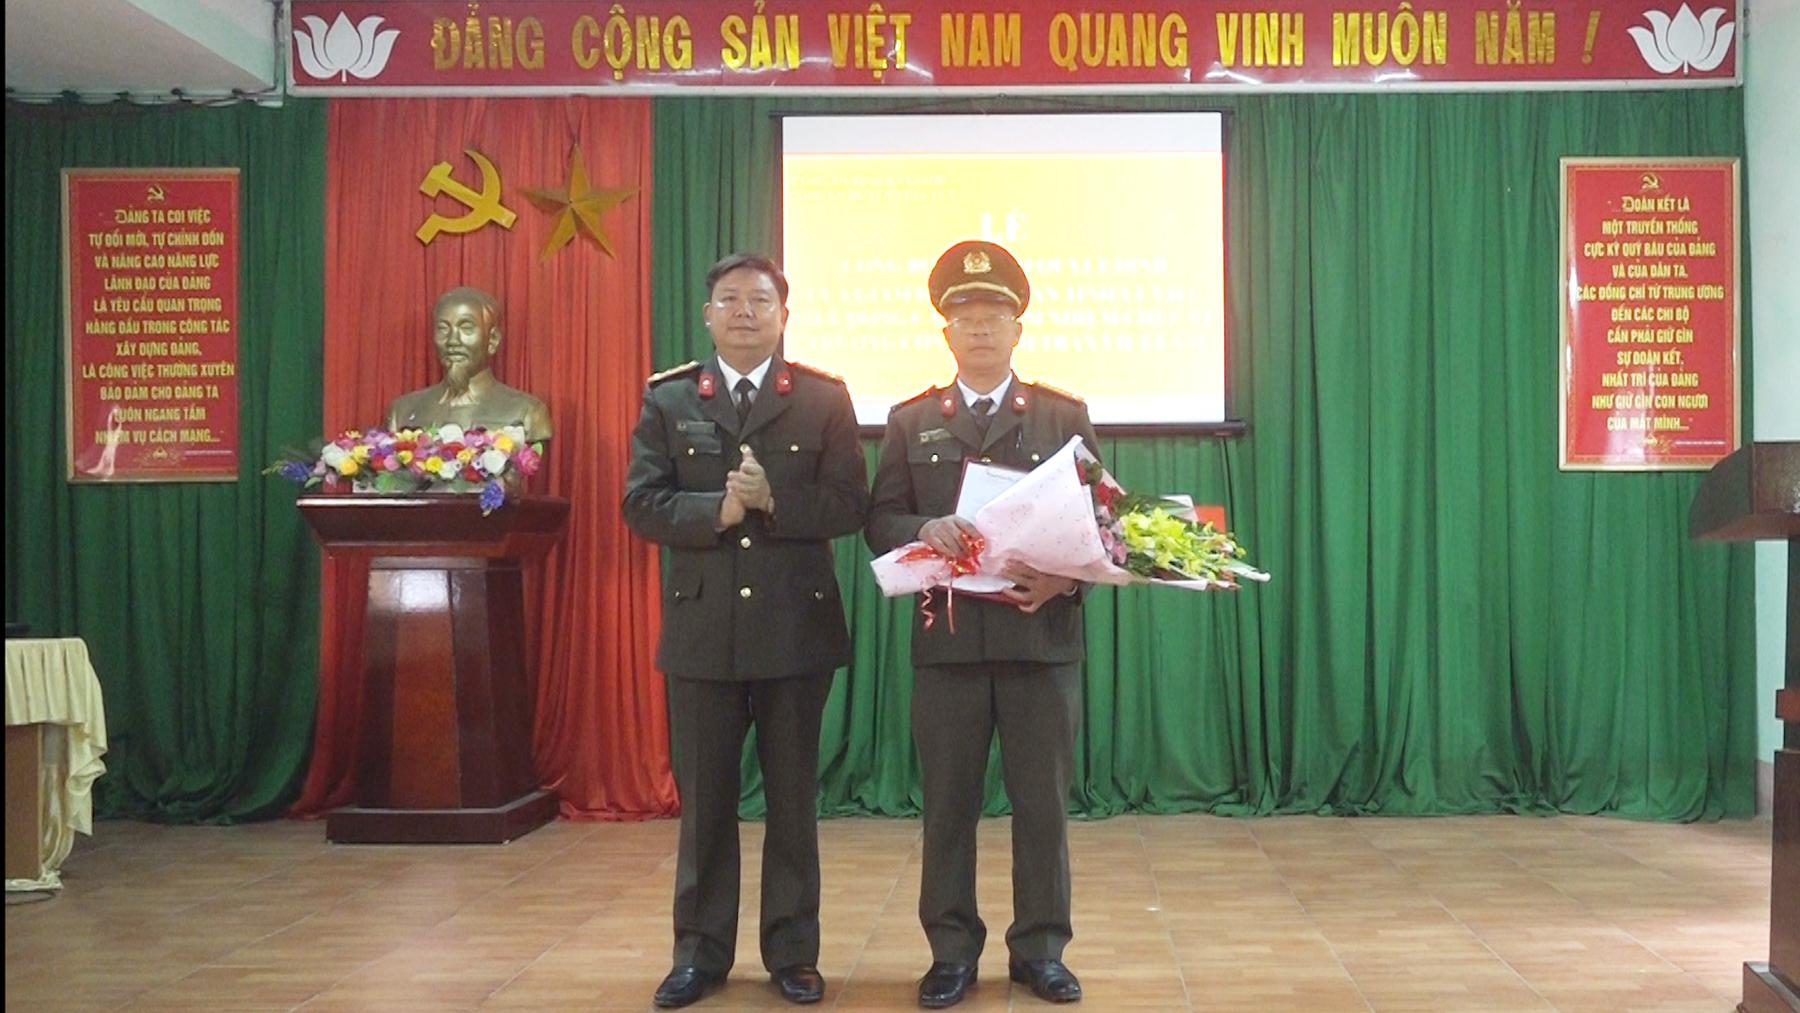 Công an tỉnh Hà Giang điều động Công an chính quy đảm nhiệm chức danh Trưởng Công an xã